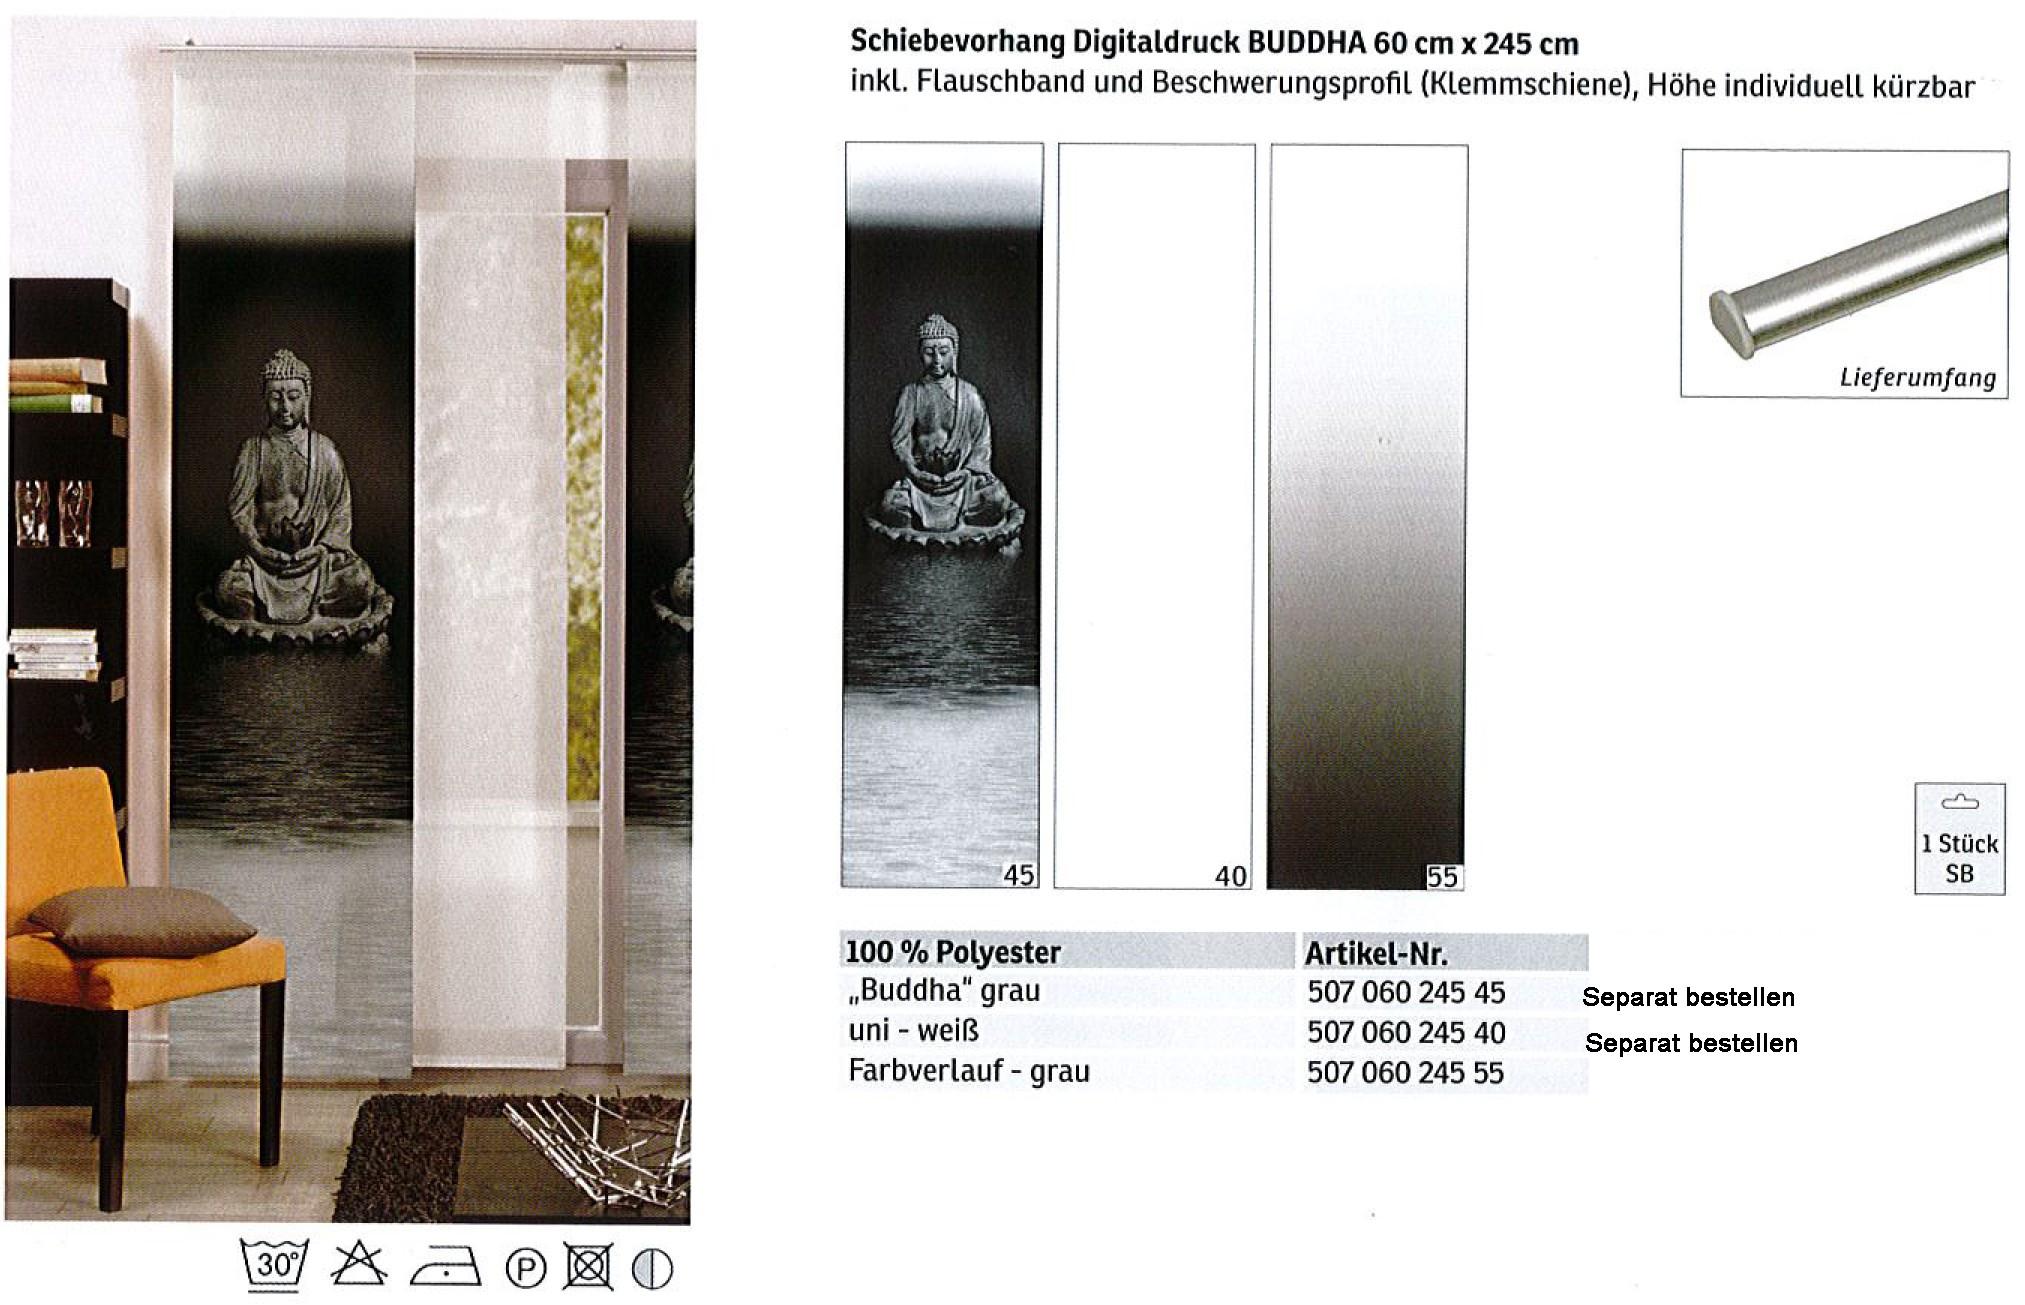 Schiebevorhang Farbverlauf grau 60x245 cm